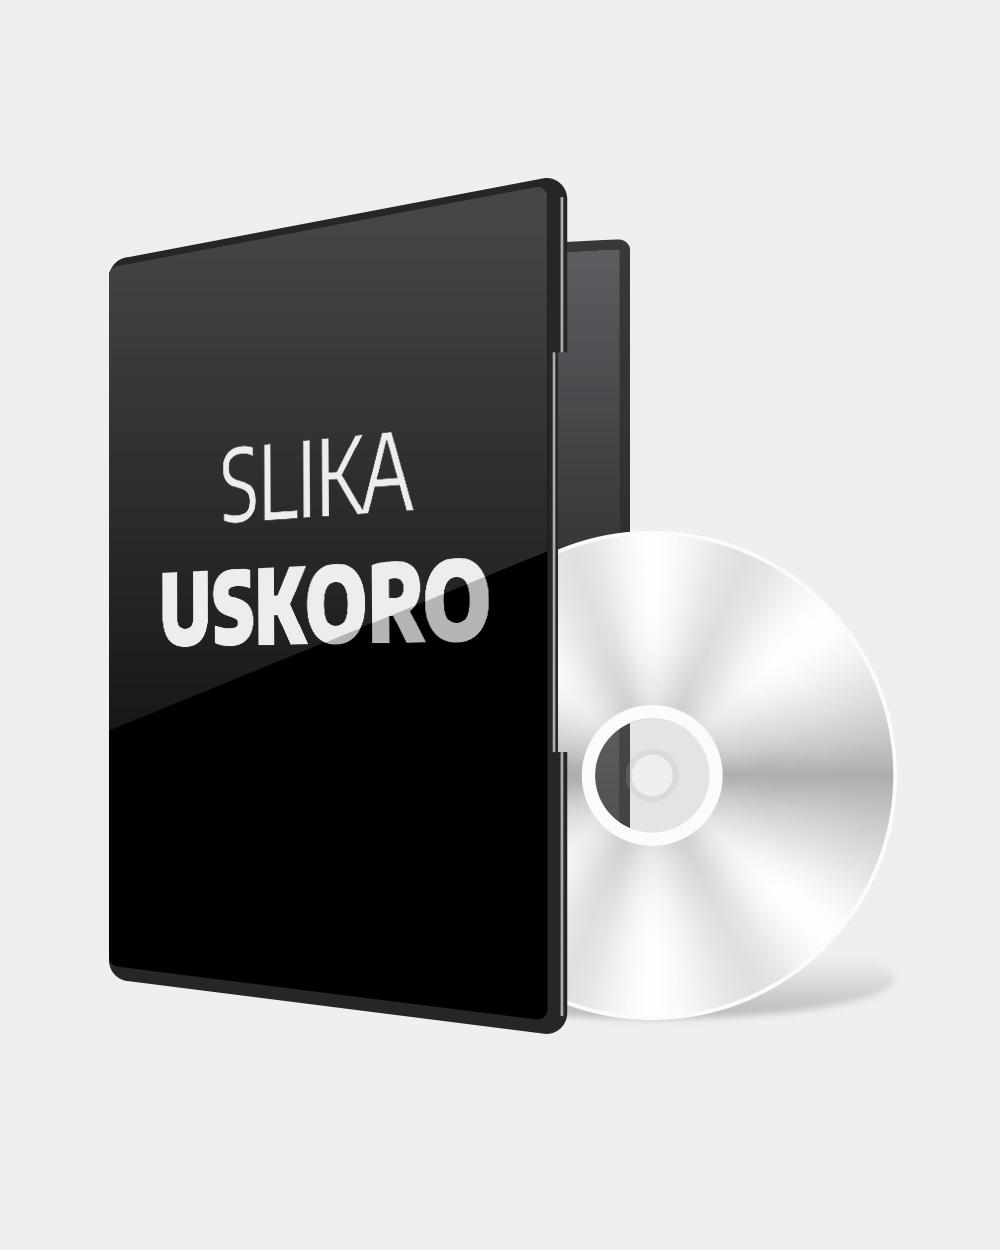 PS3 Call of Duty - World at War